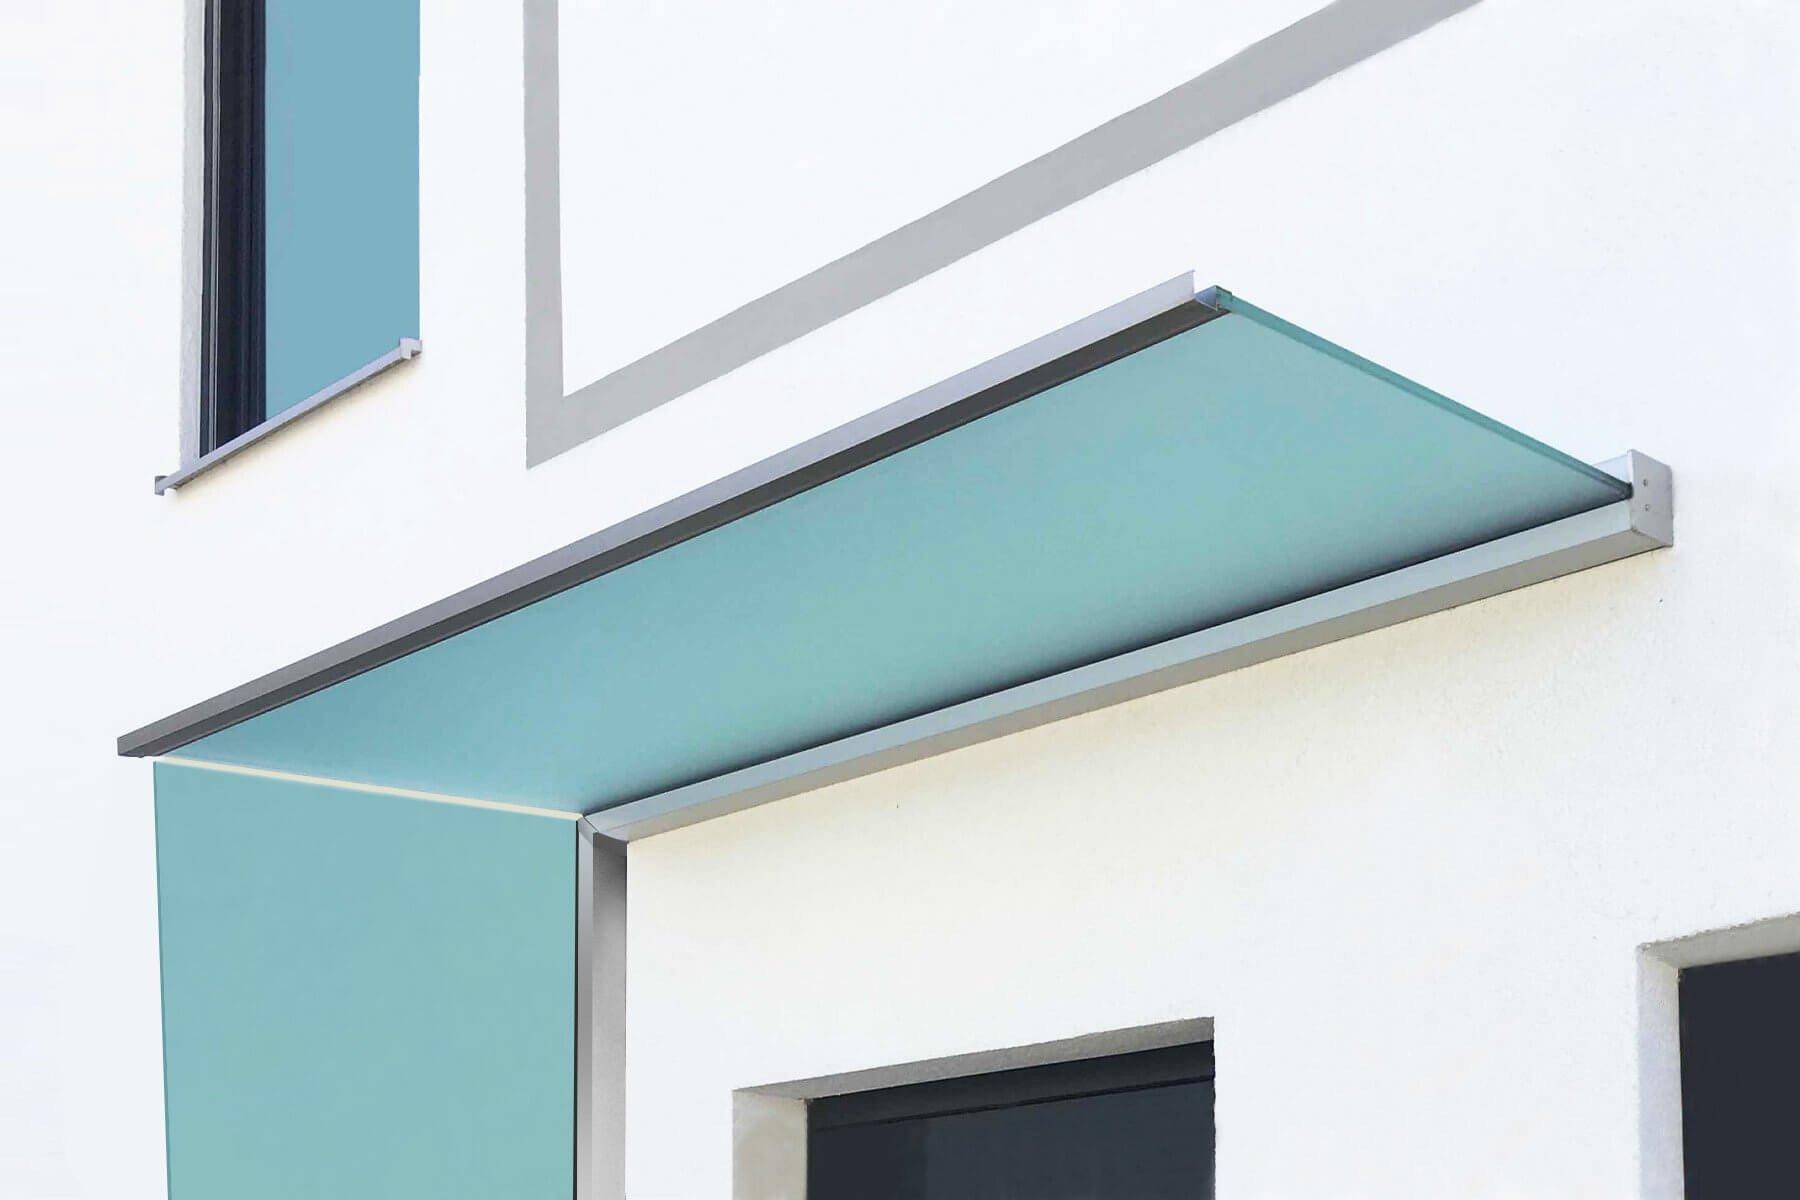 Hochwertiges Vordach mit Seitenwindschutz aus satiniertem Glas sorgt zusätzlich für Sichtschutz